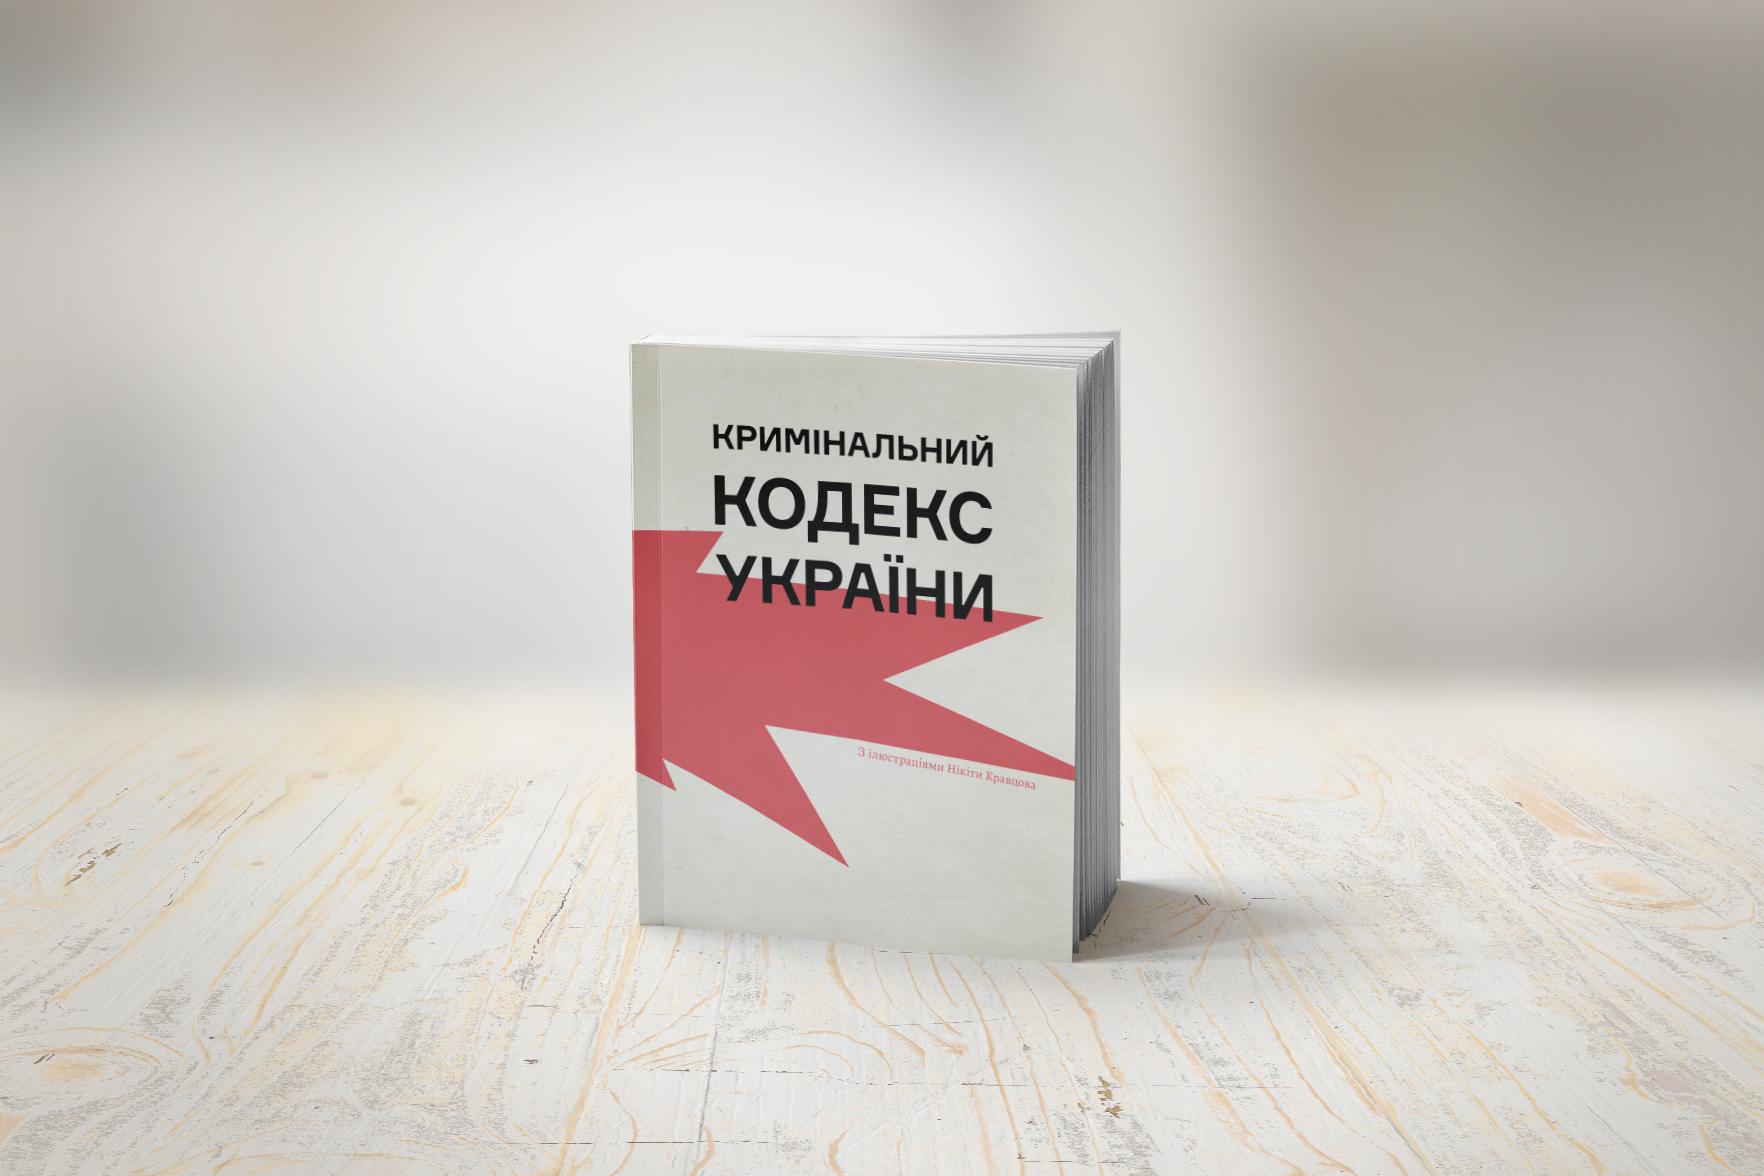 Кримінальний кодекс України (з ілюстраціями)